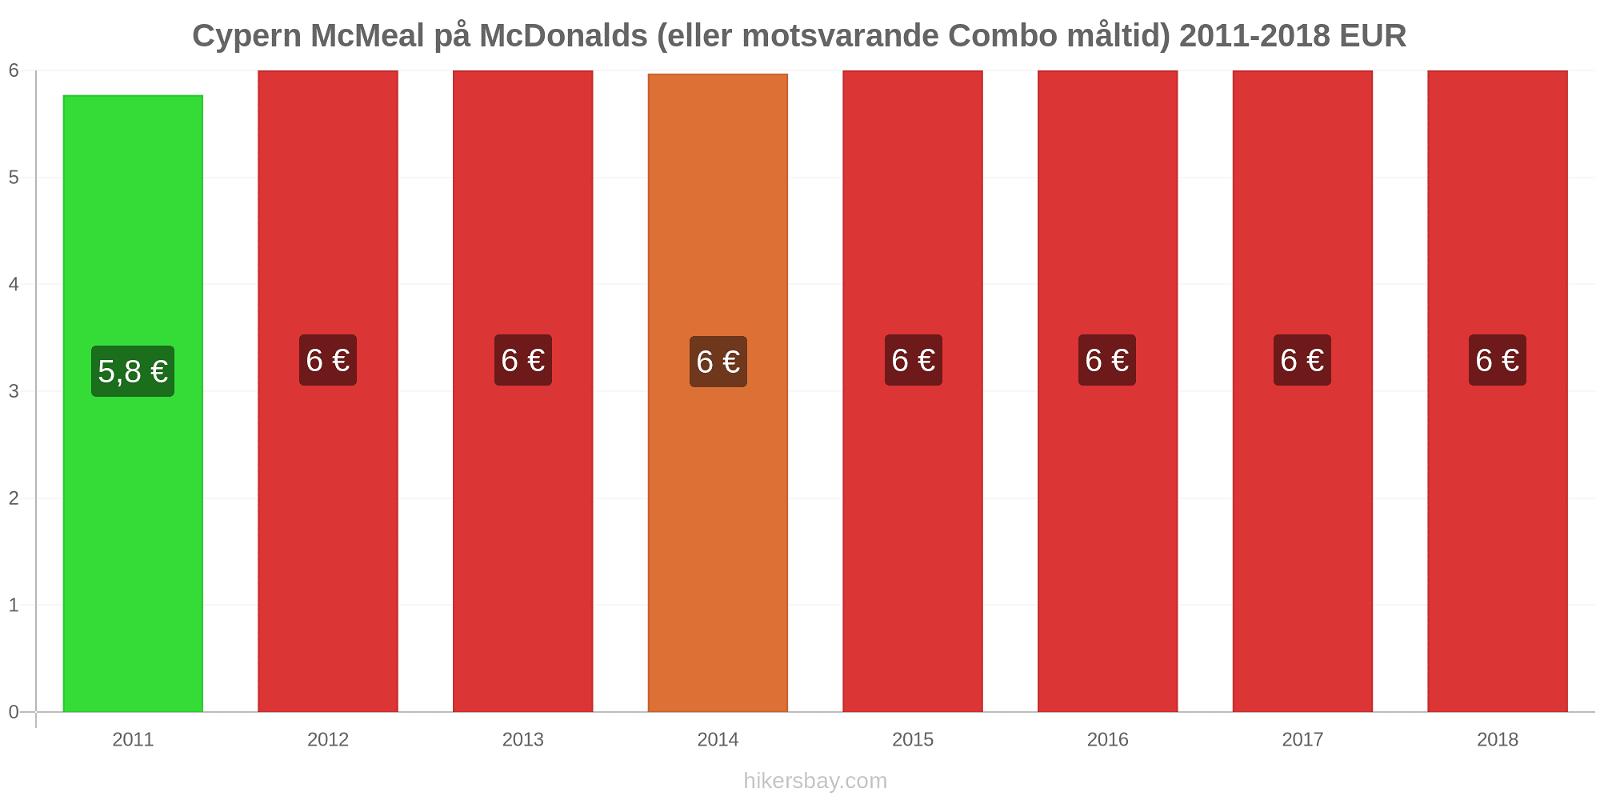 Cypern prisförändringar McMeal på McDonalds (eller motsvarande Combo måltid) hikersbay.com